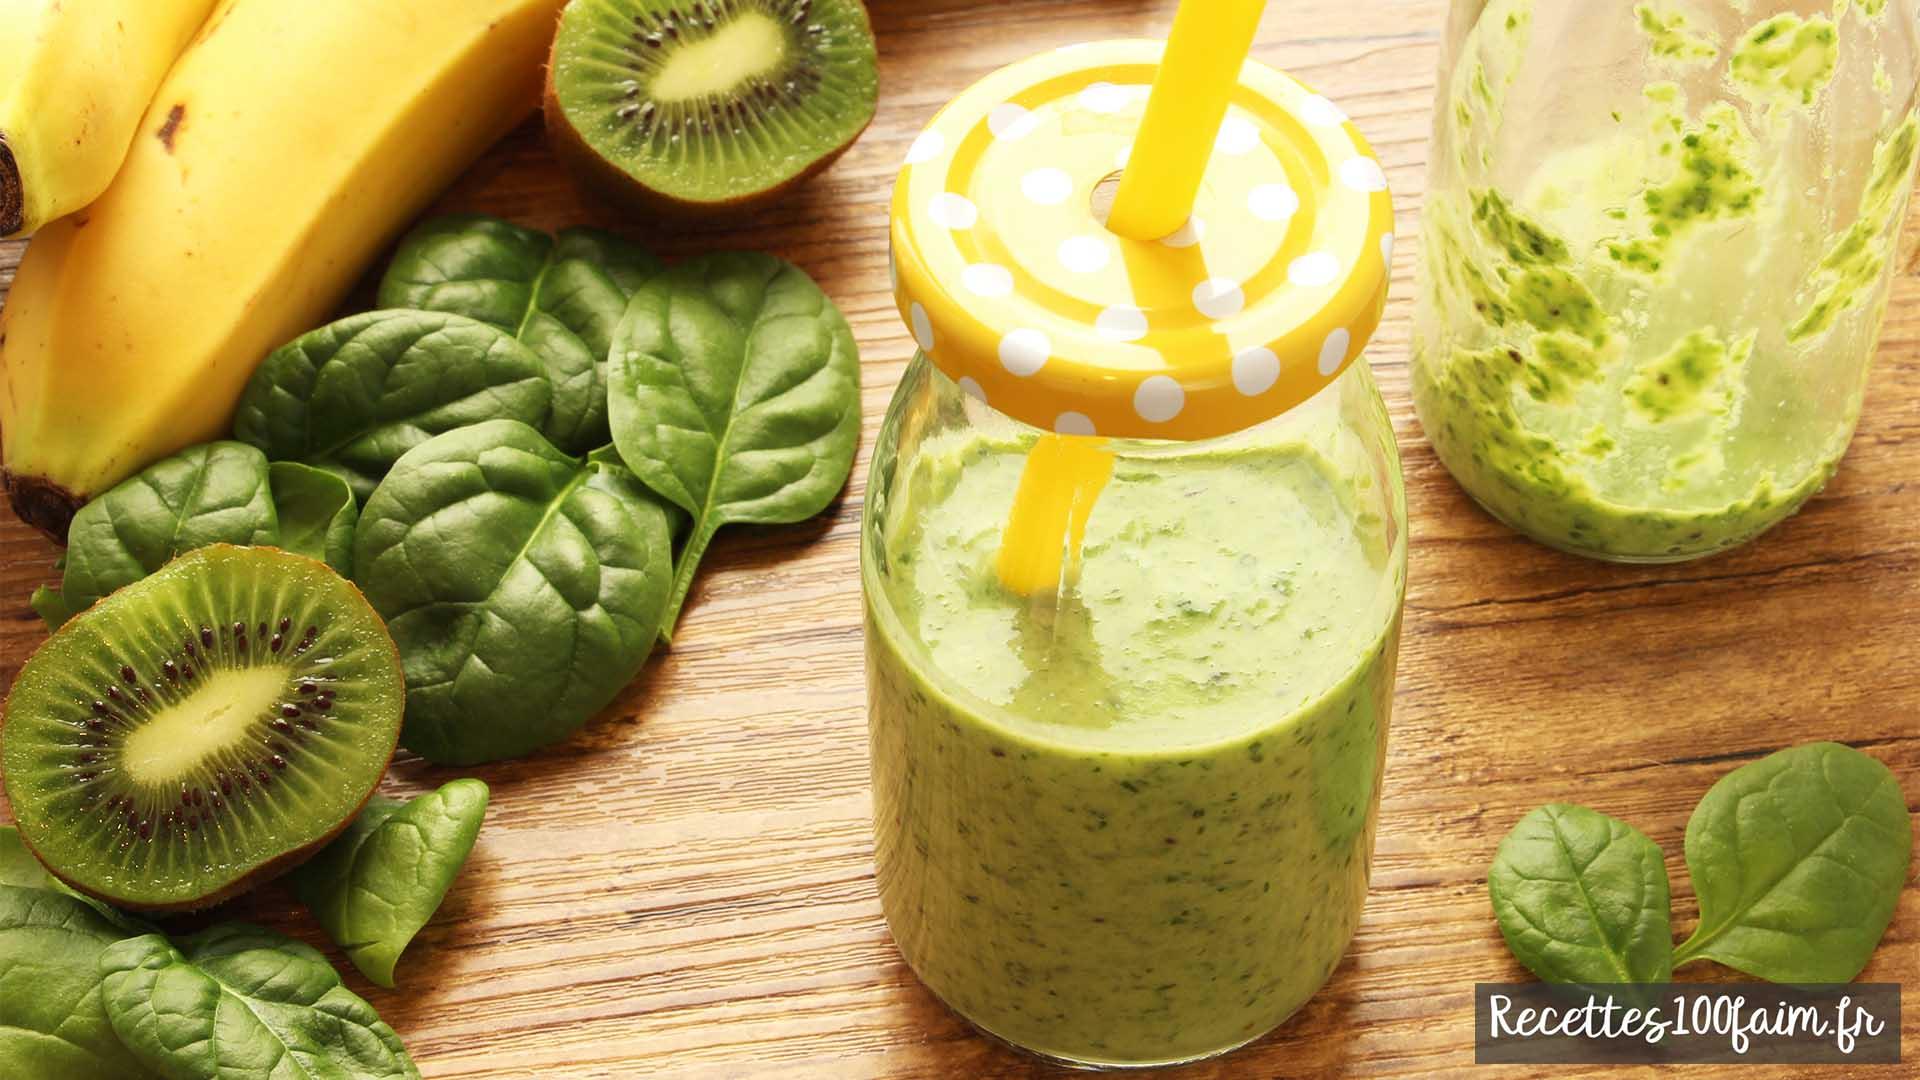 recette de smoothie banane kiwi epinard lait de coco